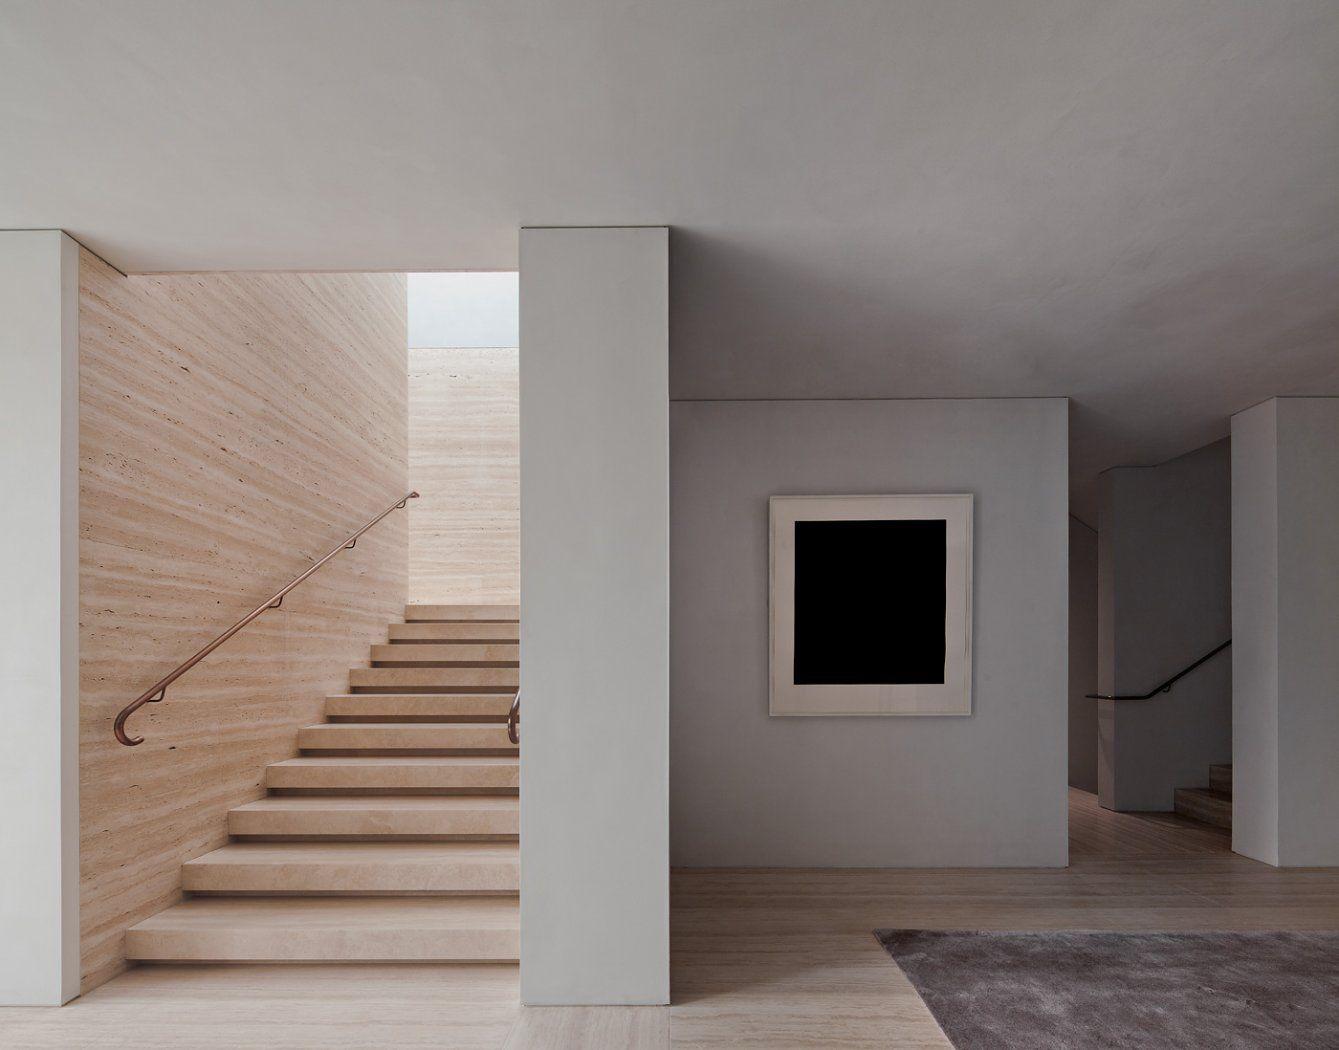 voil un style d 39 escalier qui me convient pour l 39 int rieur de ma maison d coration int rieure. Black Bedroom Furniture Sets. Home Design Ideas